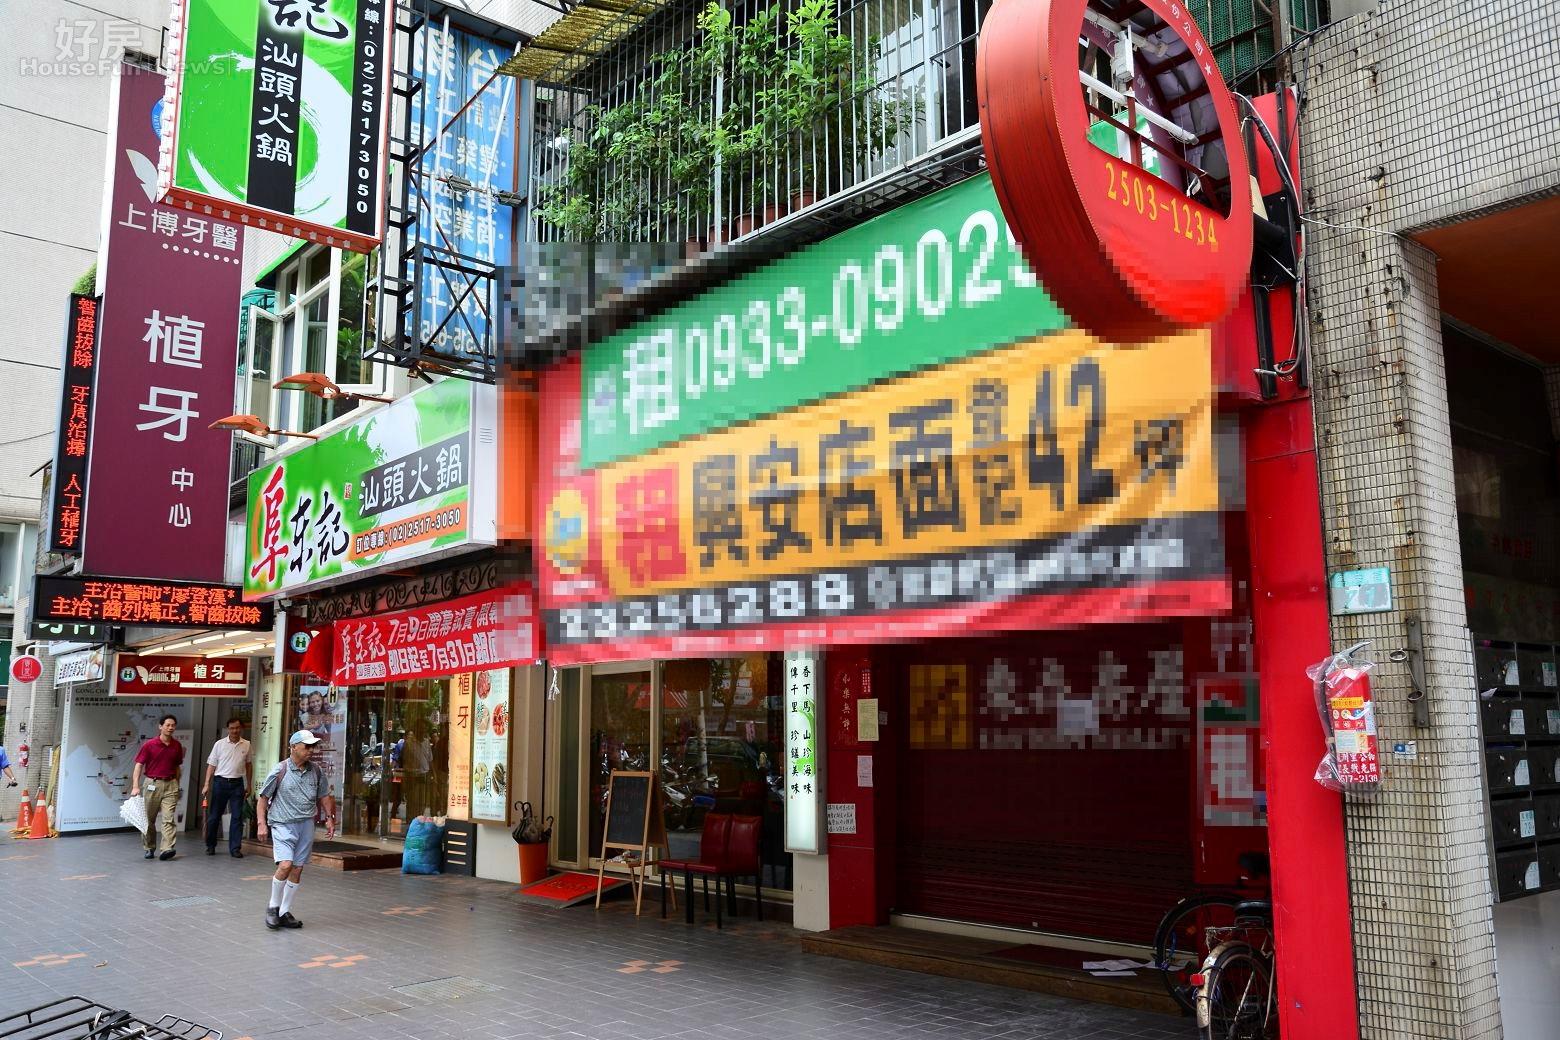 東森房屋興安店倒閉,由永慶、信義、住商三間房仲代為出租。(好房News記者 陳韋帆/攝影)